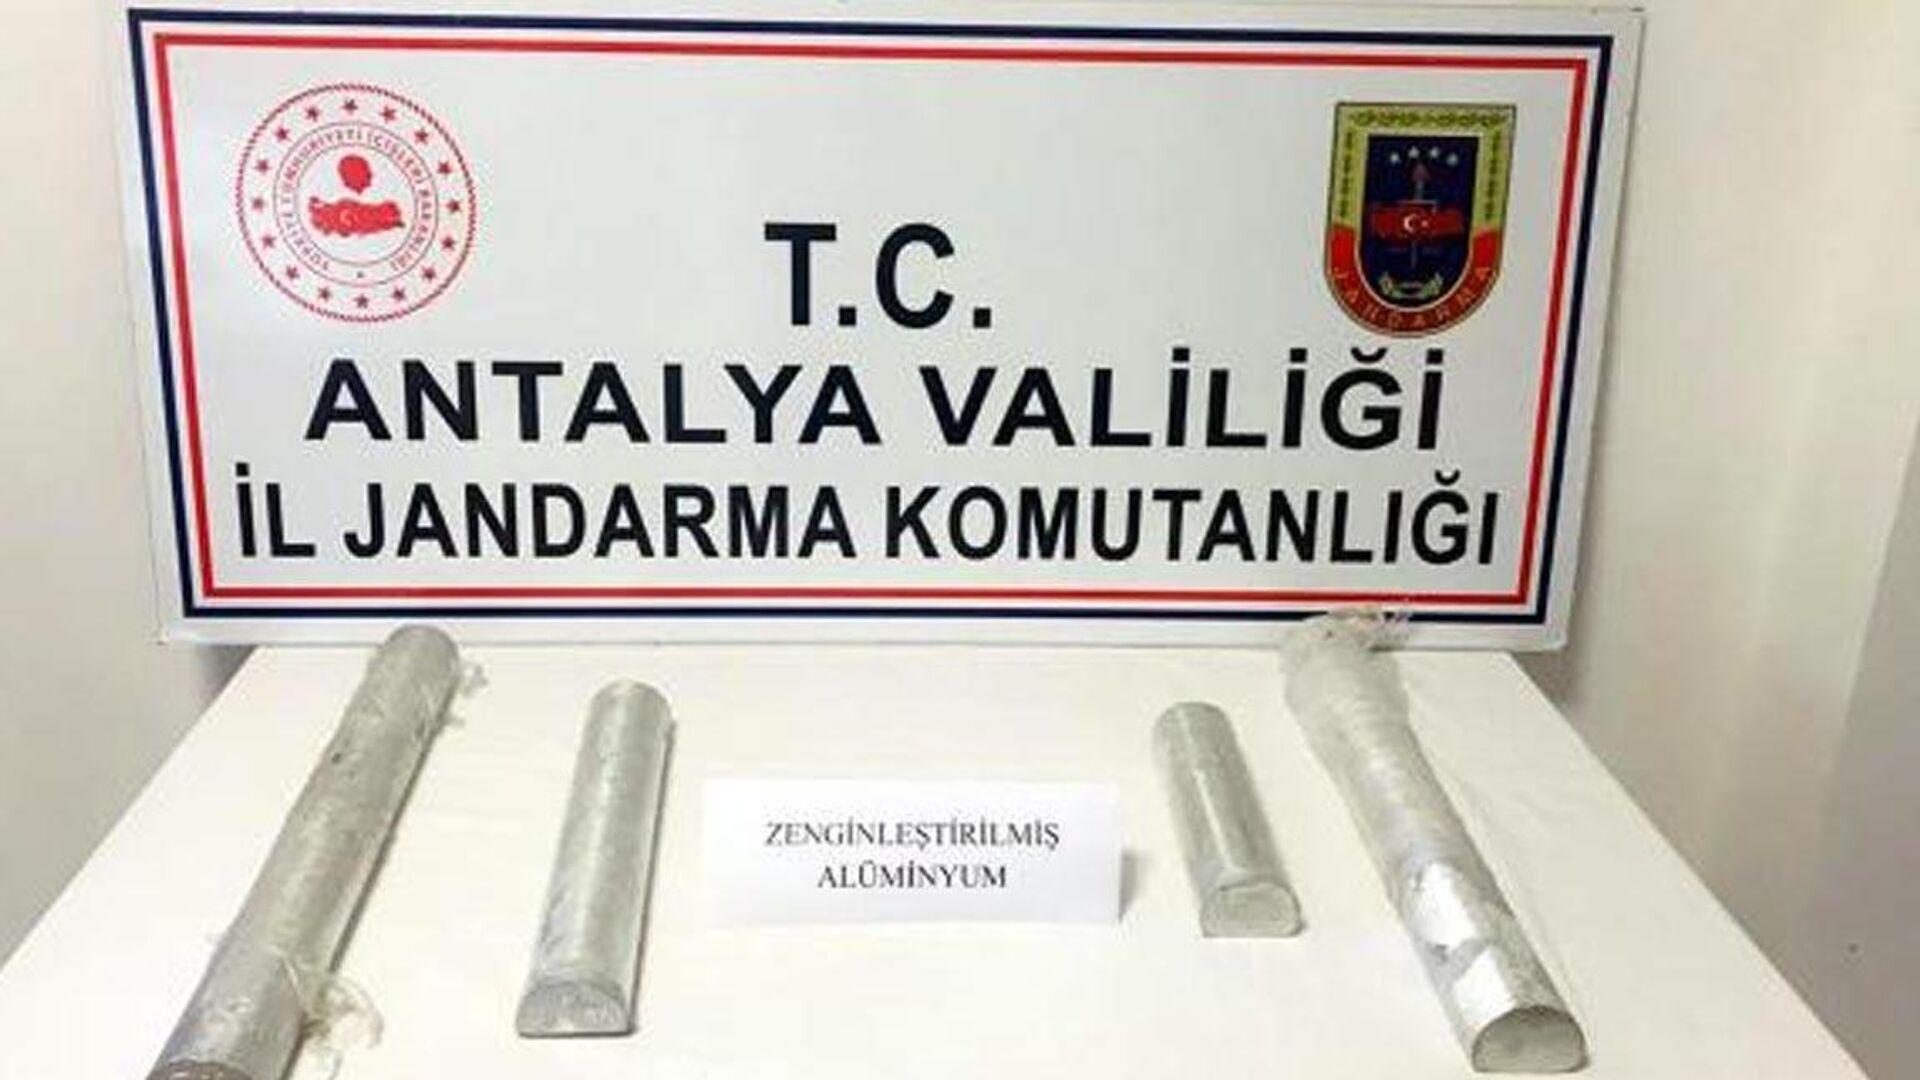 Antalya'nın Manavgat ilçesinde jandarmanın operasyonunda nükleer enerji, füze imalatı ve el yapımı patlayıcı yapımında kullanılan ve piyasa değeri yaklaşık 60 milyon TL olduğu belirtilen 15 kilogram zenginleştirilmiş saf alüminyum maddesi ele geçirildi. Olayla ilgili 4 şüpheli tutuklanırken, aranan bir şüpheli de yakalandı. - Sputnik Türkiye, 1920, 18.09.2021